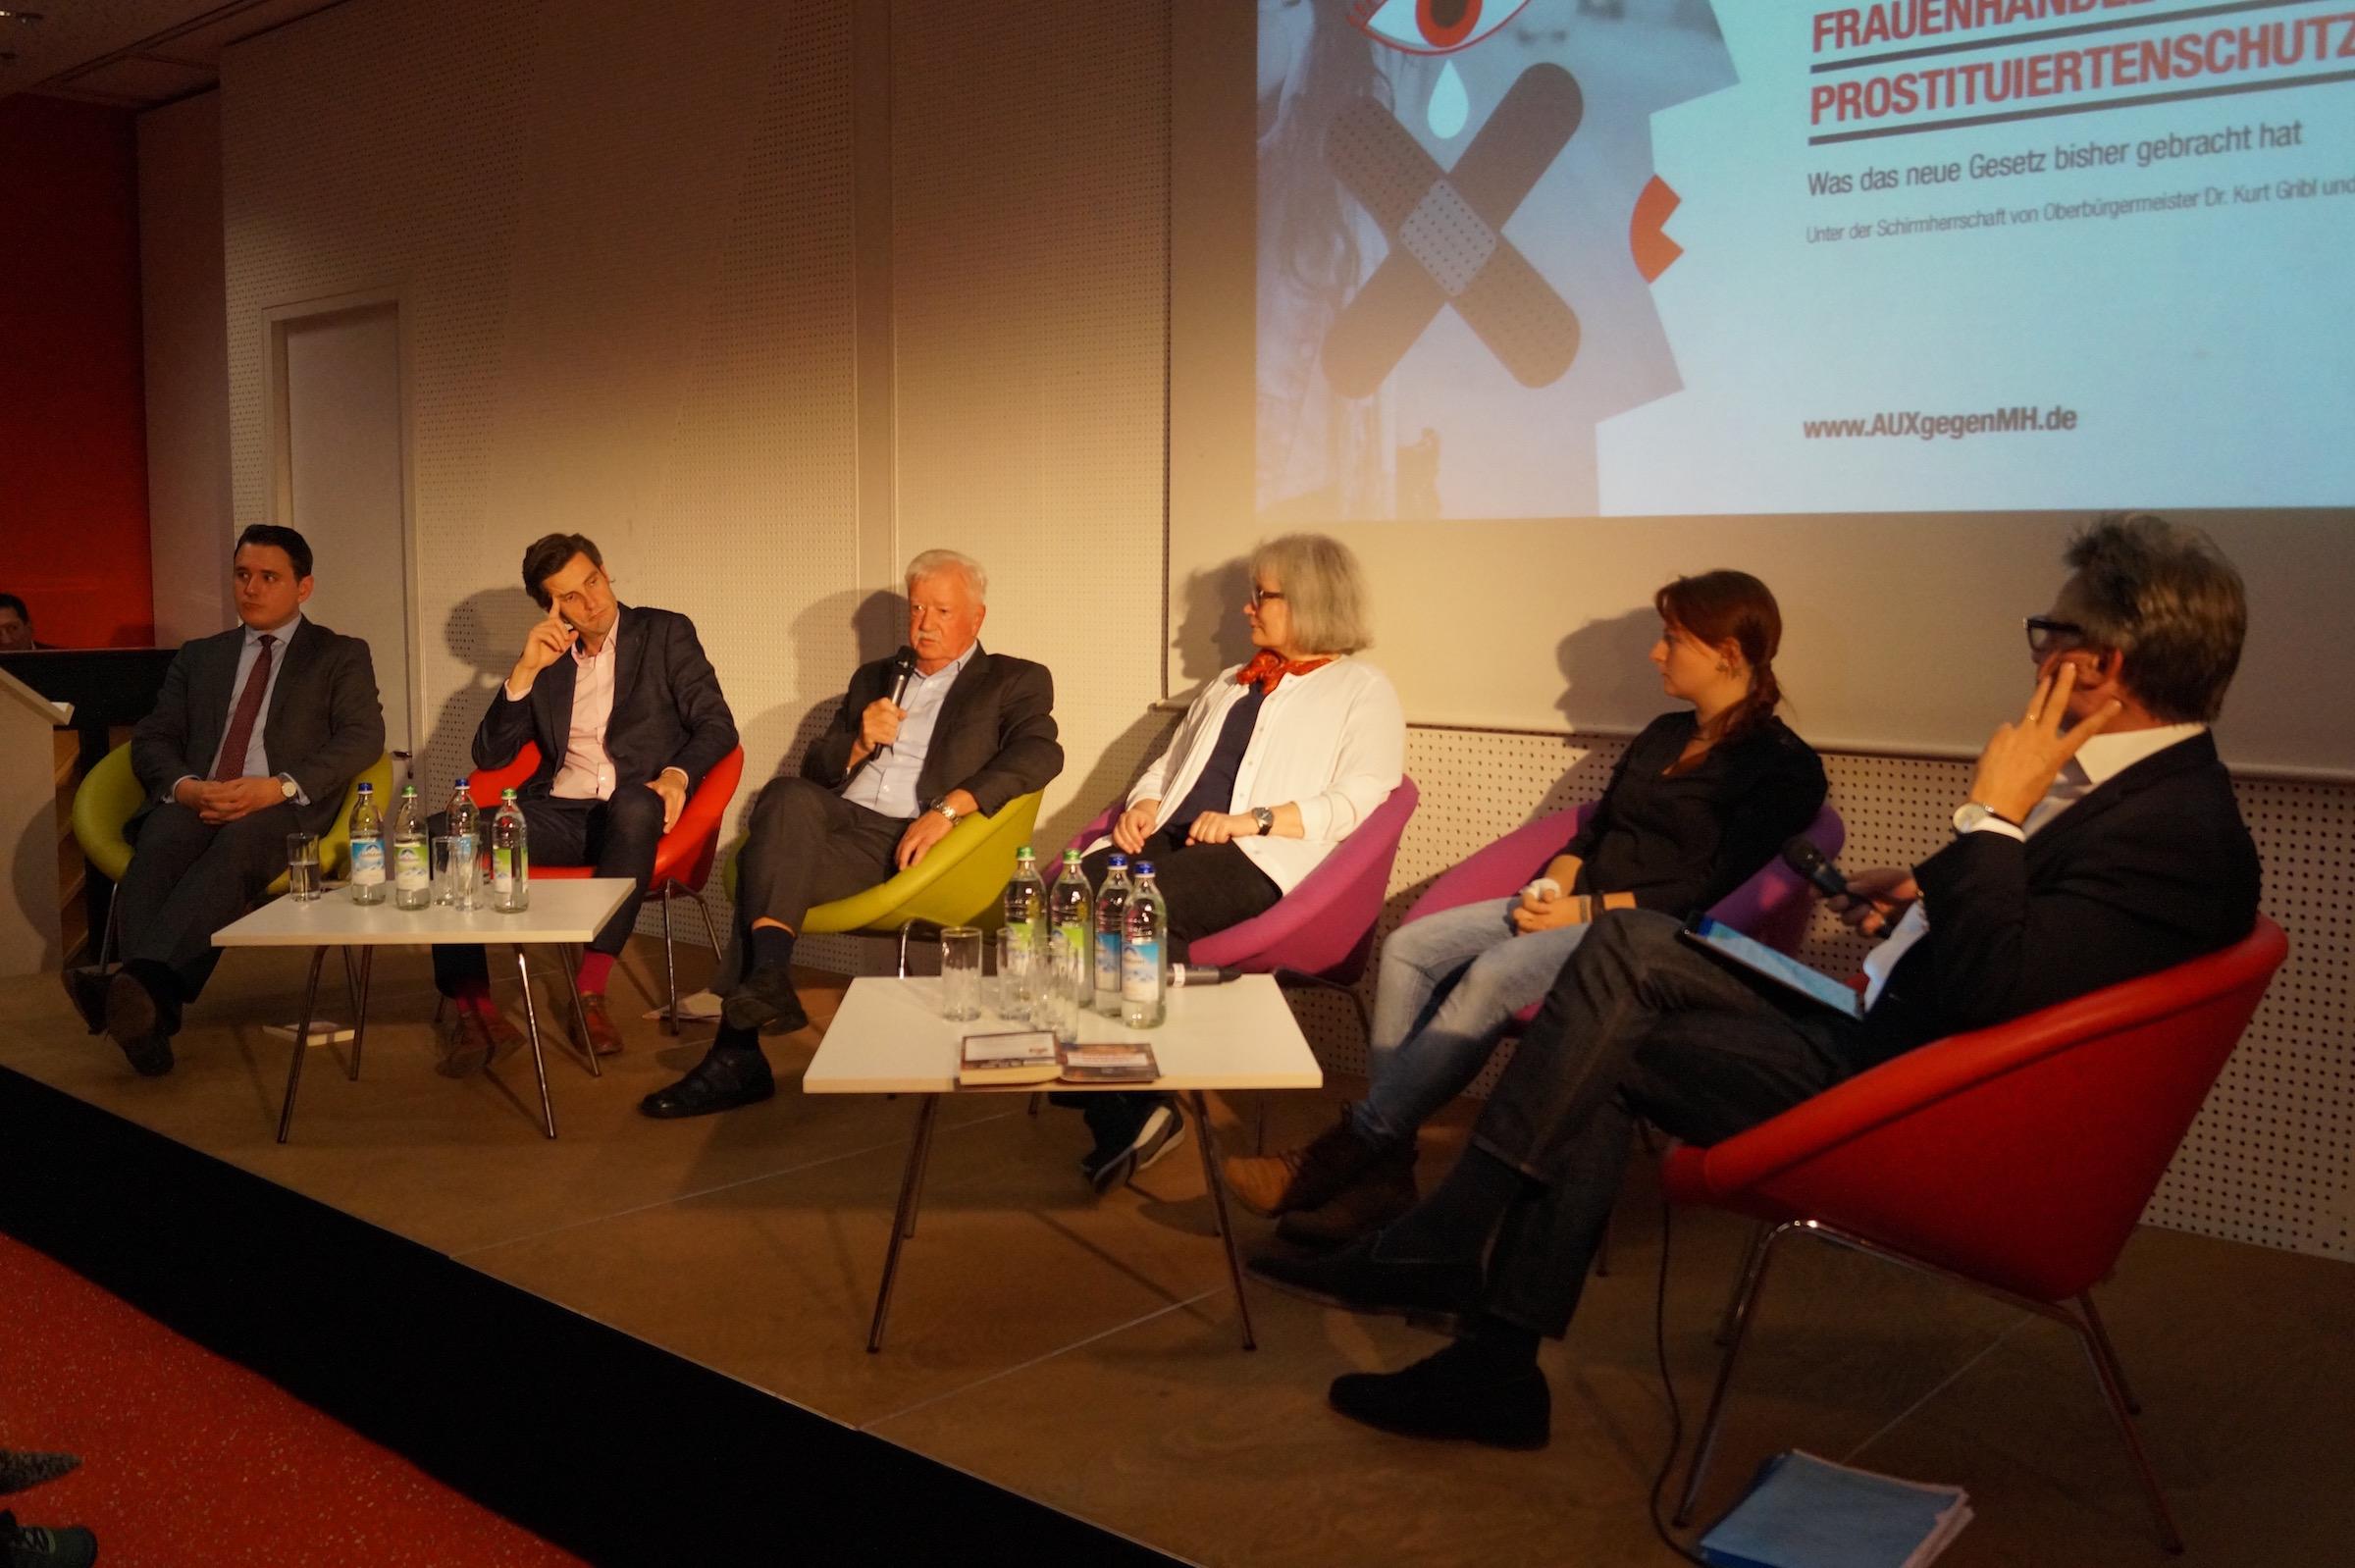 Augsburger Podiumsgespräch: Prostituiertenschutzgesetz schützt Täter!